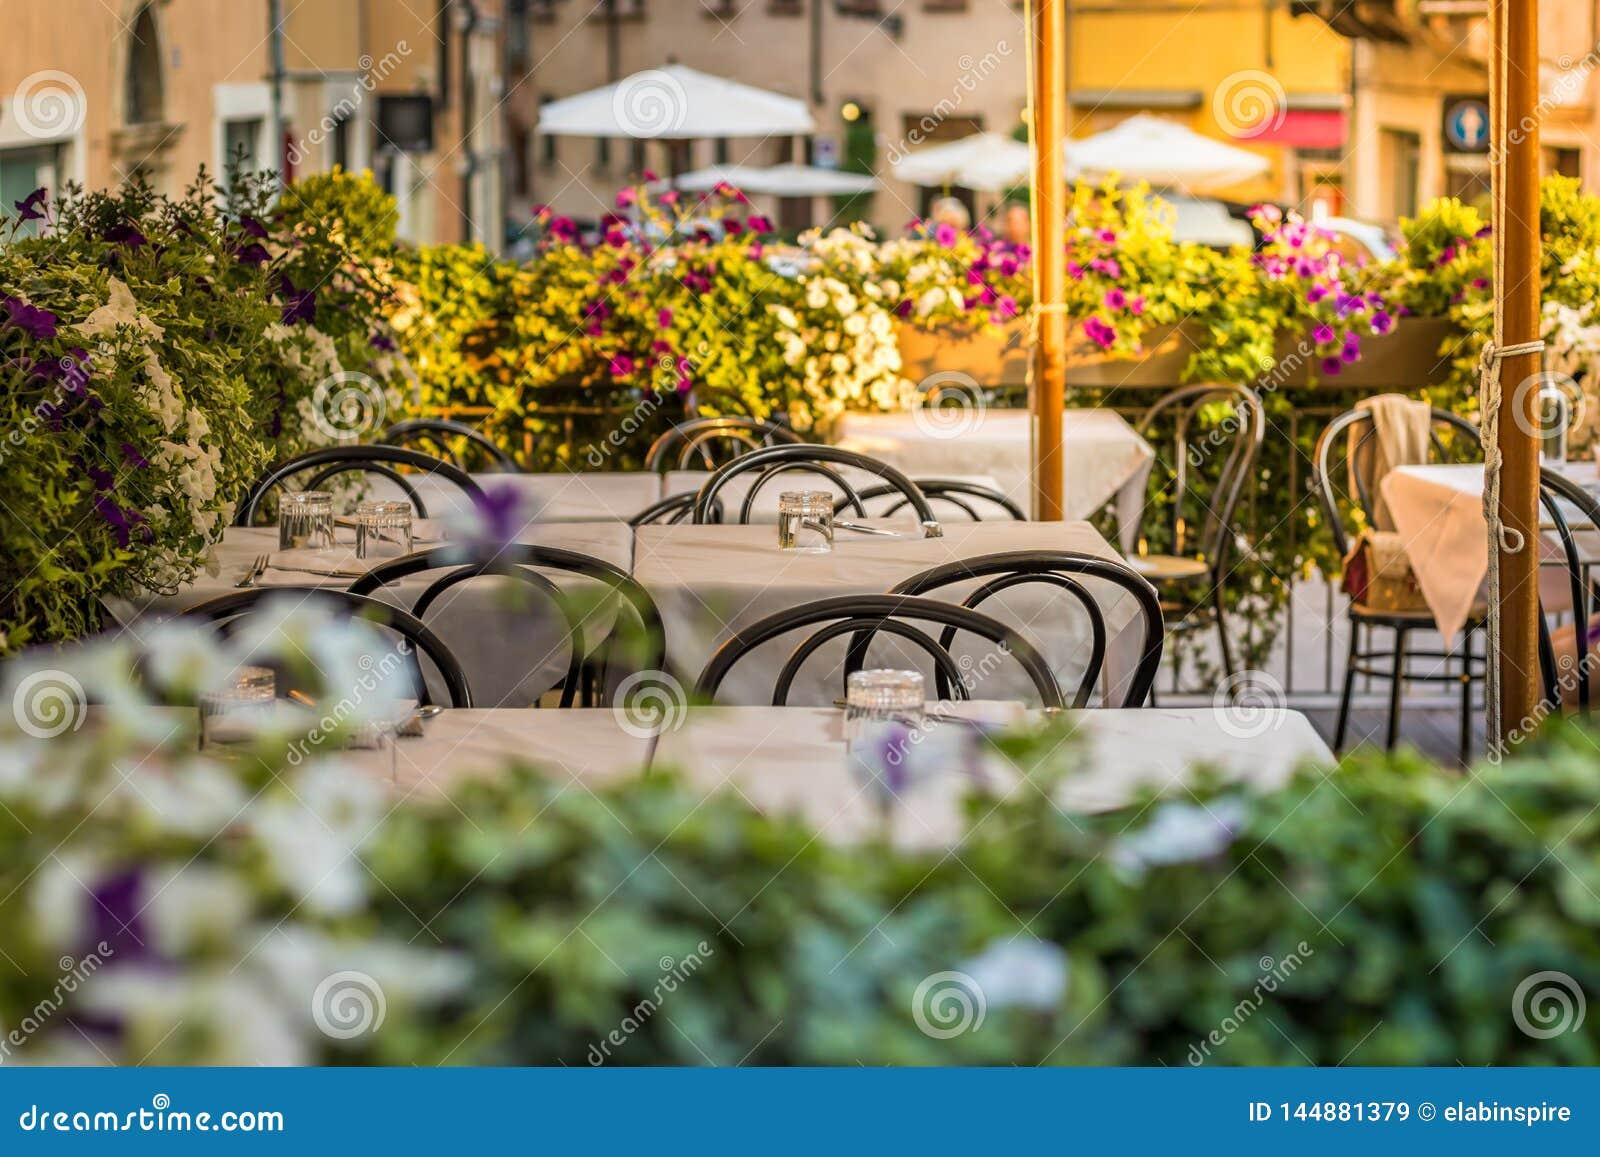 Europäisches Straßenrestaurant oder -café Tabellen mit weißen Tischdecken draußen